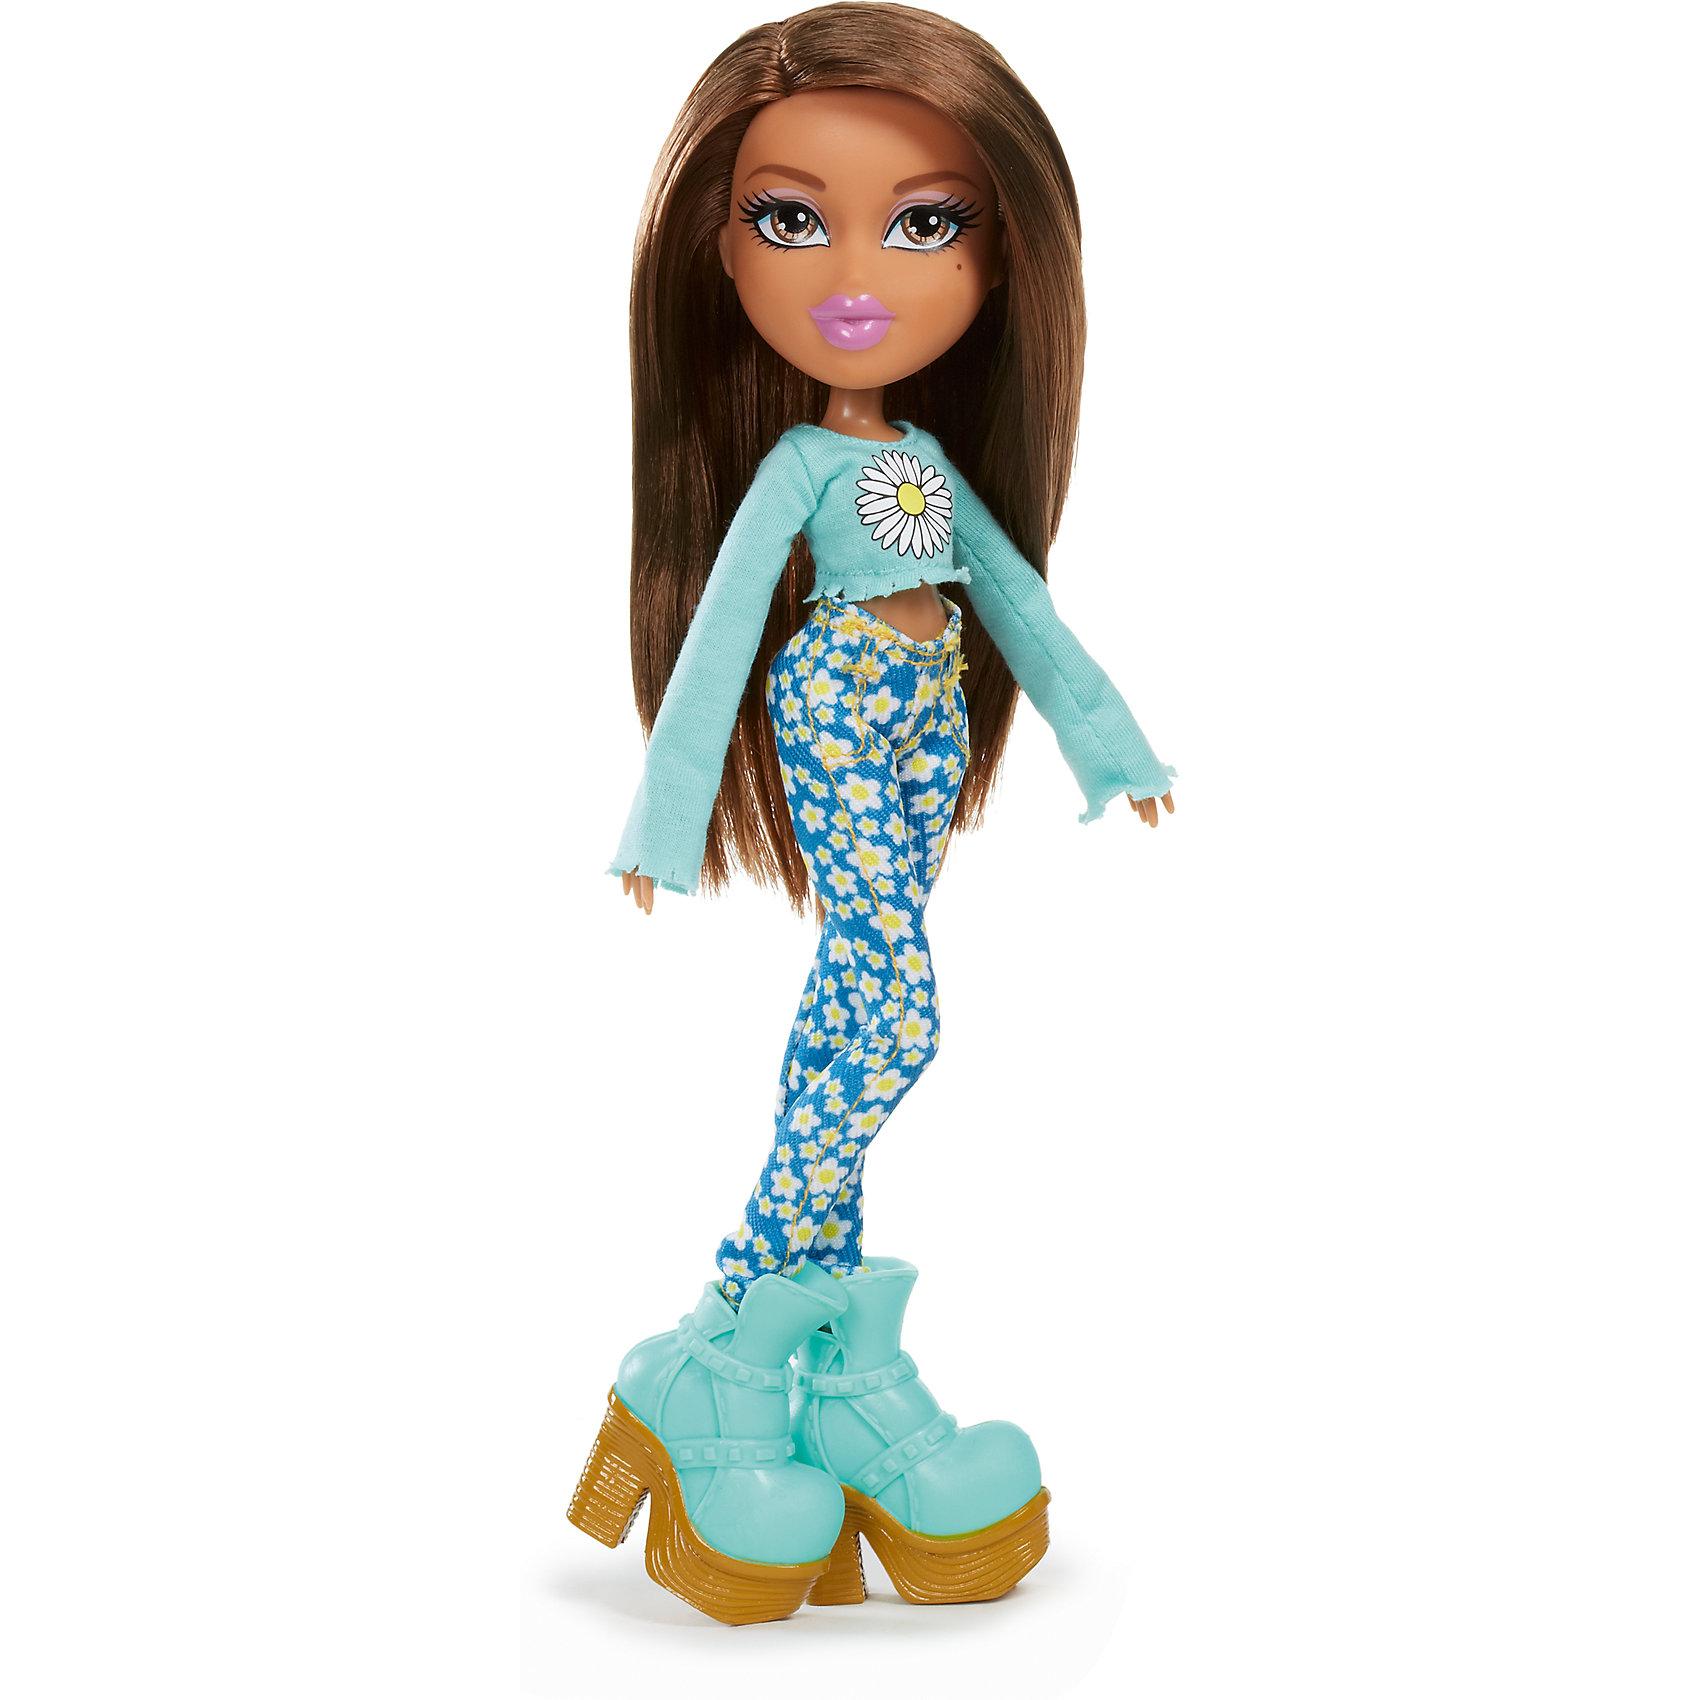 Кукла делюкс Жасмин, Диджей, BratzХарактеристики товара:<br><br>- цвет: разноцветный;<br>- материал: пластик;<br>- подвижные части тела;<br>- комплектация: кукла, аксессуары;<br>- размер упаковки: 15х6х30 см.<br>- размер куклы: 27 см.<br><br>Эти симпатичные куклы диджеи-Bratz от известного бренда не оставят девочку равнодушной! Какая девочка сможет отказаться поиграть с куклами, которым можно менять образ благодаря набору аксессуаров?! В комплект входит одежда и аксессуары для куклы-диджея. Игрушка очень качественно выполнена, поэтому она станет замечательным подарком ребенку. <br>Продается набор в красивой удобной упаковке. Изделие произведено из высококачественного материала, безопасного для детей.<br><br>Куклу делюкс Жасмин, Диджей, от бренда Bratz можно купить в нашем интернет-магазине.<br><br>Ширина мм: 160<br>Глубина мм: 310<br>Высота мм: 70<br>Вес г: 4000<br>Возраст от месяцев: 72<br>Возраст до месяцев: 2147483647<br>Пол: Женский<br>Возраст: Детский<br>SKU: 5141876